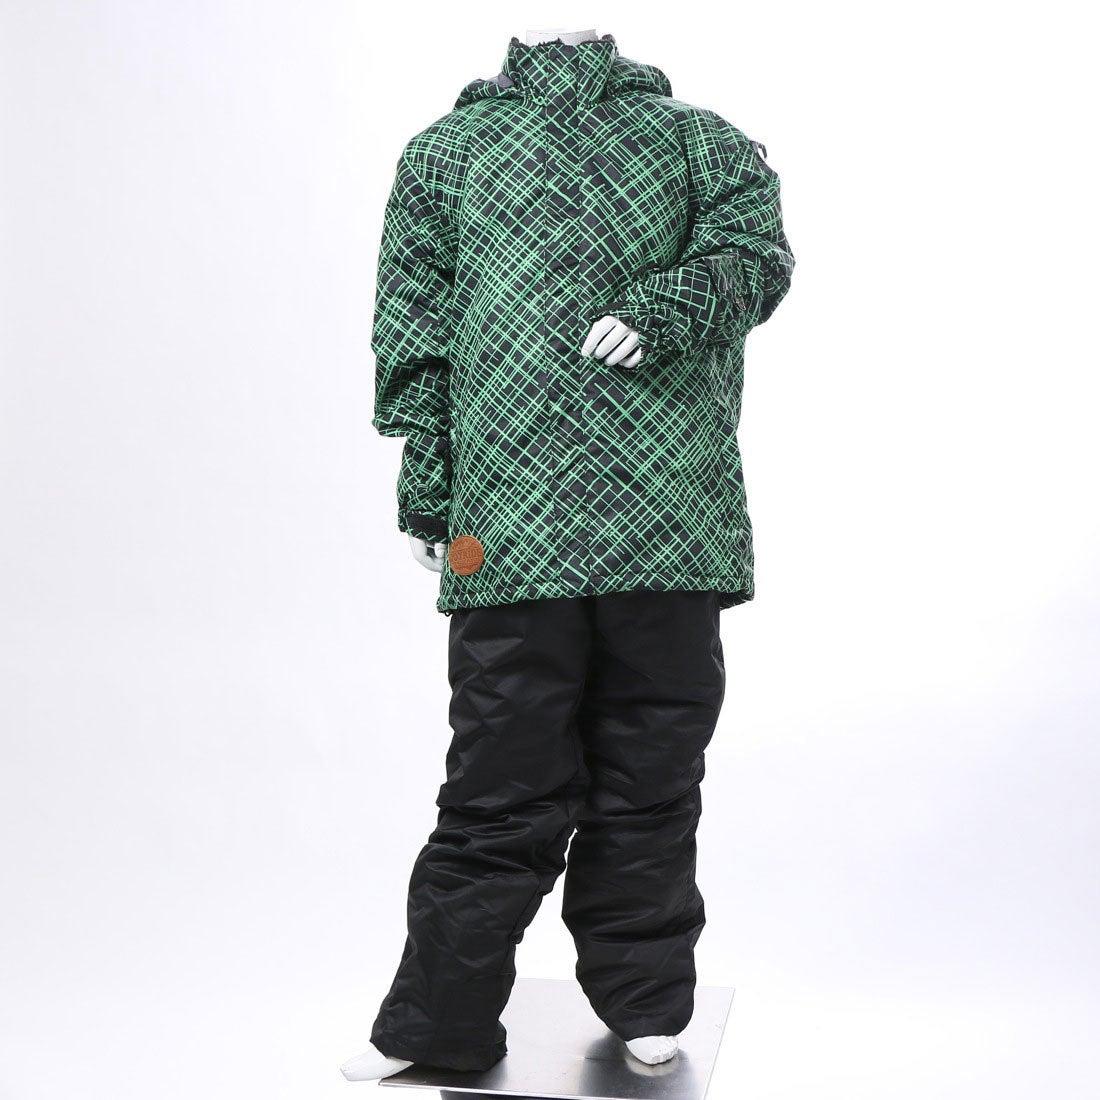 ロコンド 靴とファッションの通販サイトジョイライドJOYRIDEジュニアスキーウェア上下セットボーイズスキーウェアJOB-3334